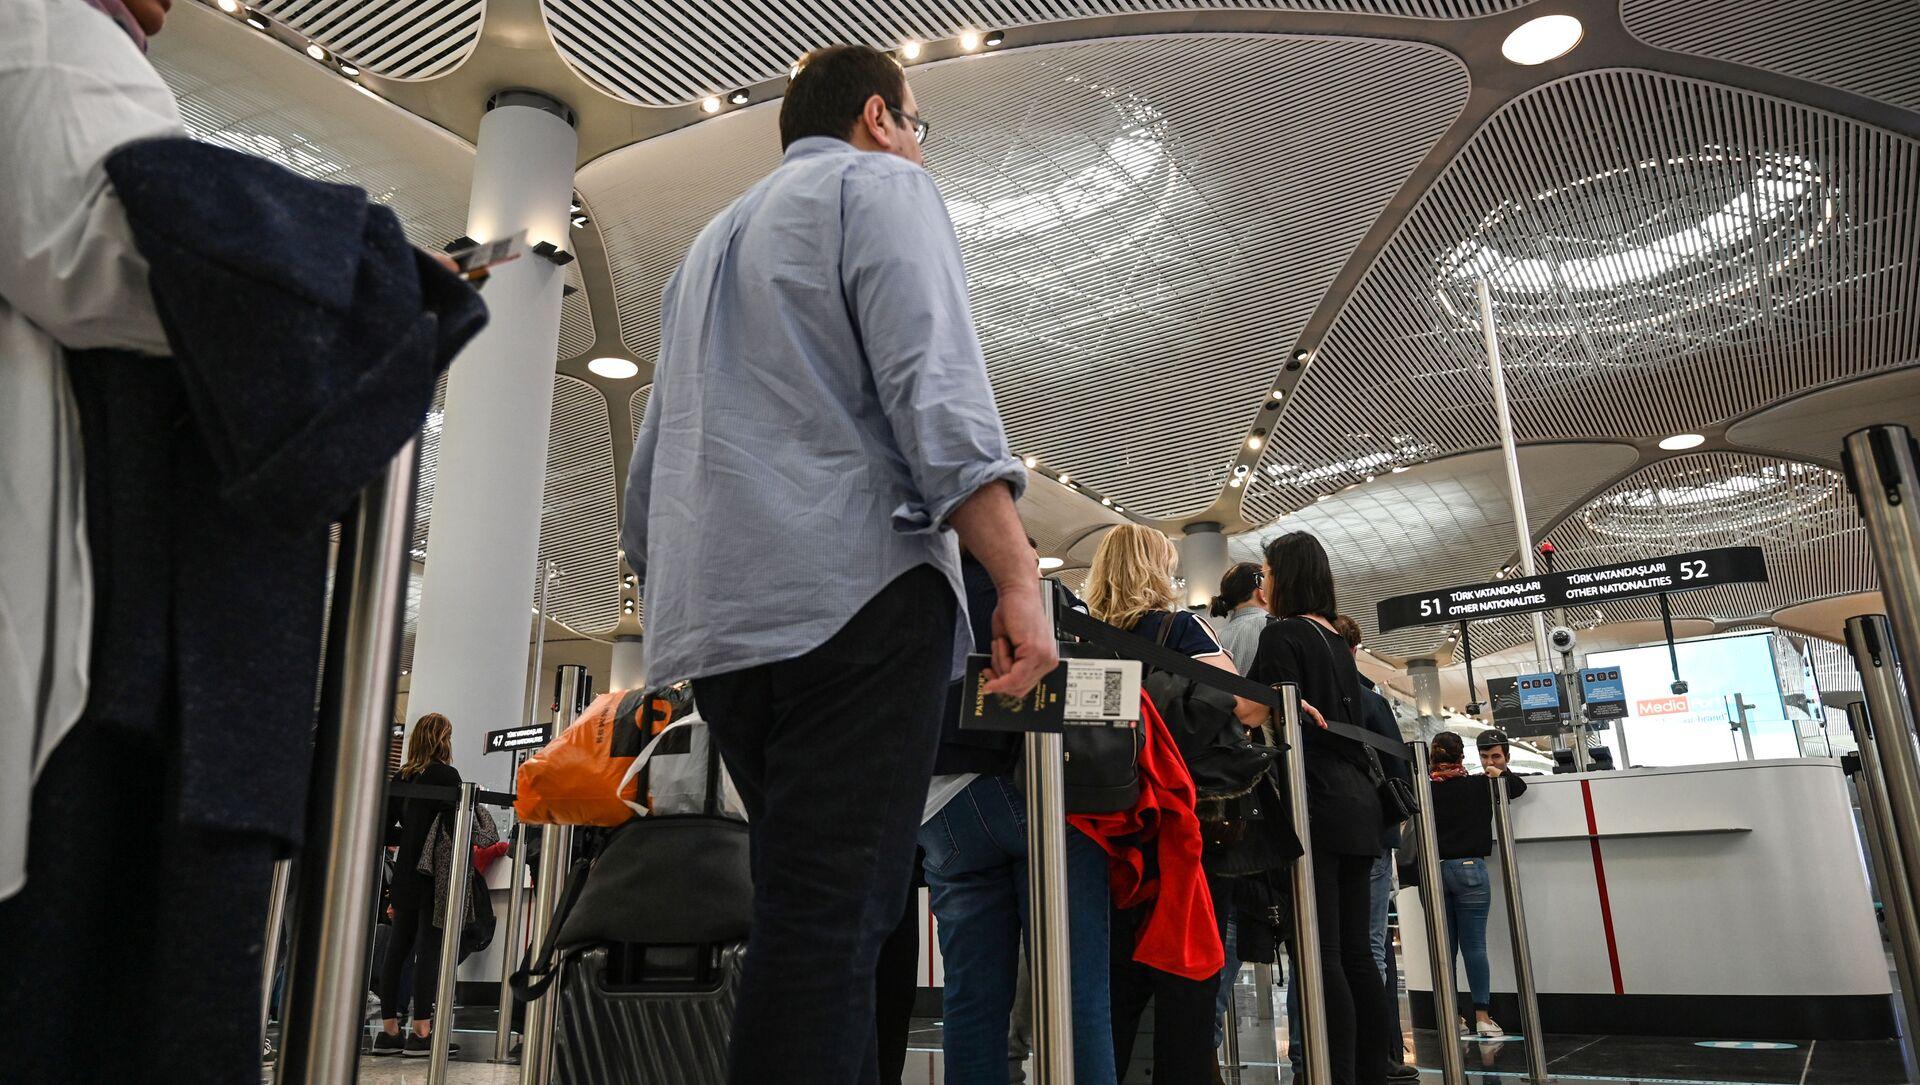 Паспортный контроль пассажиров в новом международном аэропорту Стамбул, в Стамбуле - Sputnik Абхазия, 1920, 09.09.2021